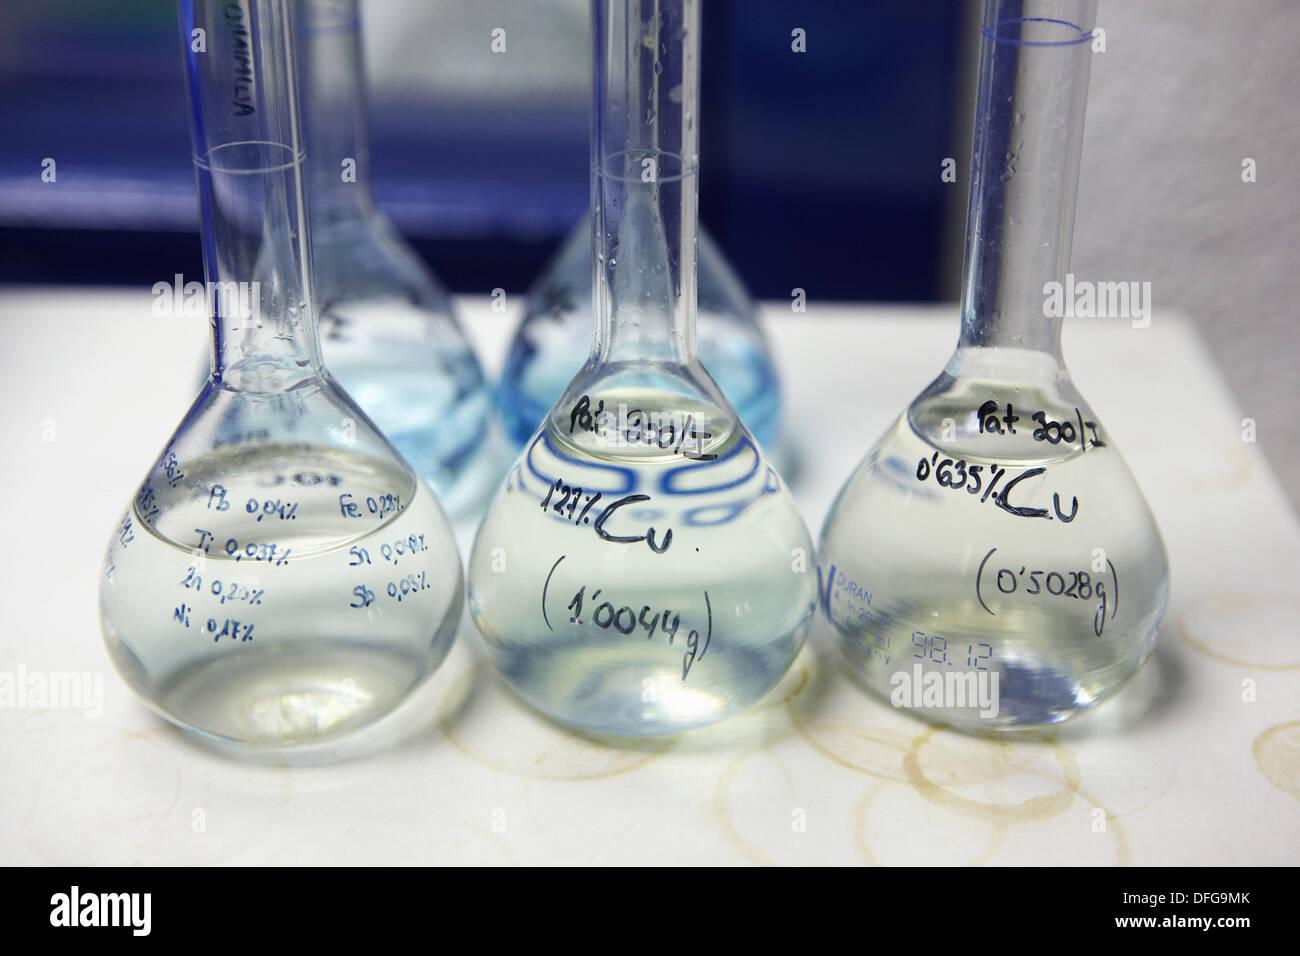 Laboratoire de chimie, la recherche sur les matériaux Photo Stock